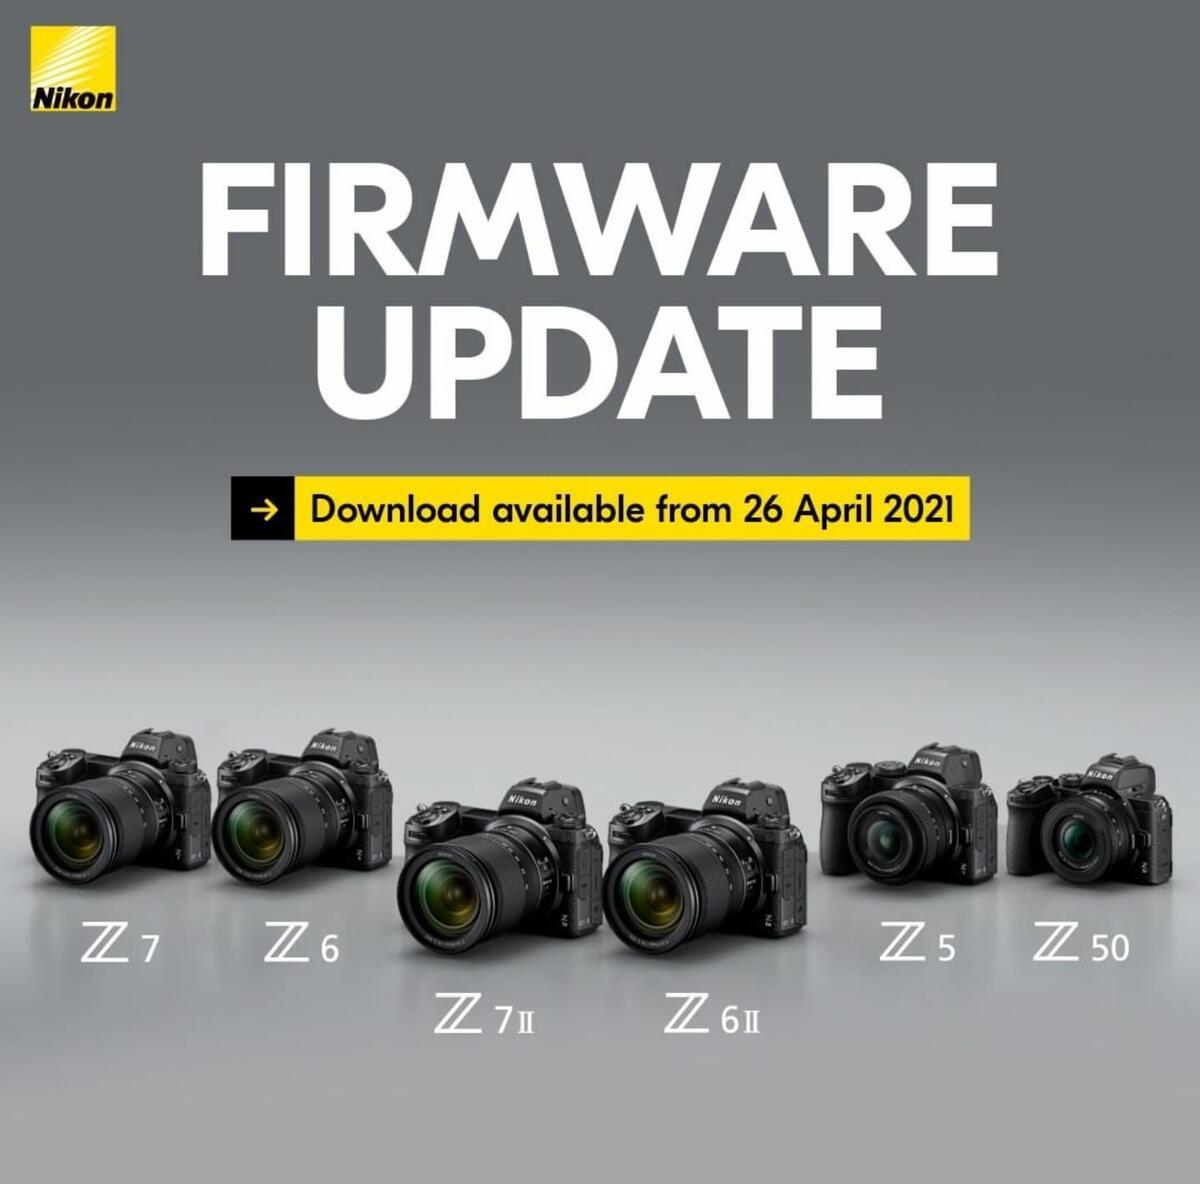 Nuovi aggiornamenti firmware per Nikon Z7 II, Z6 II, Z7, Z6, Z5 e Z50